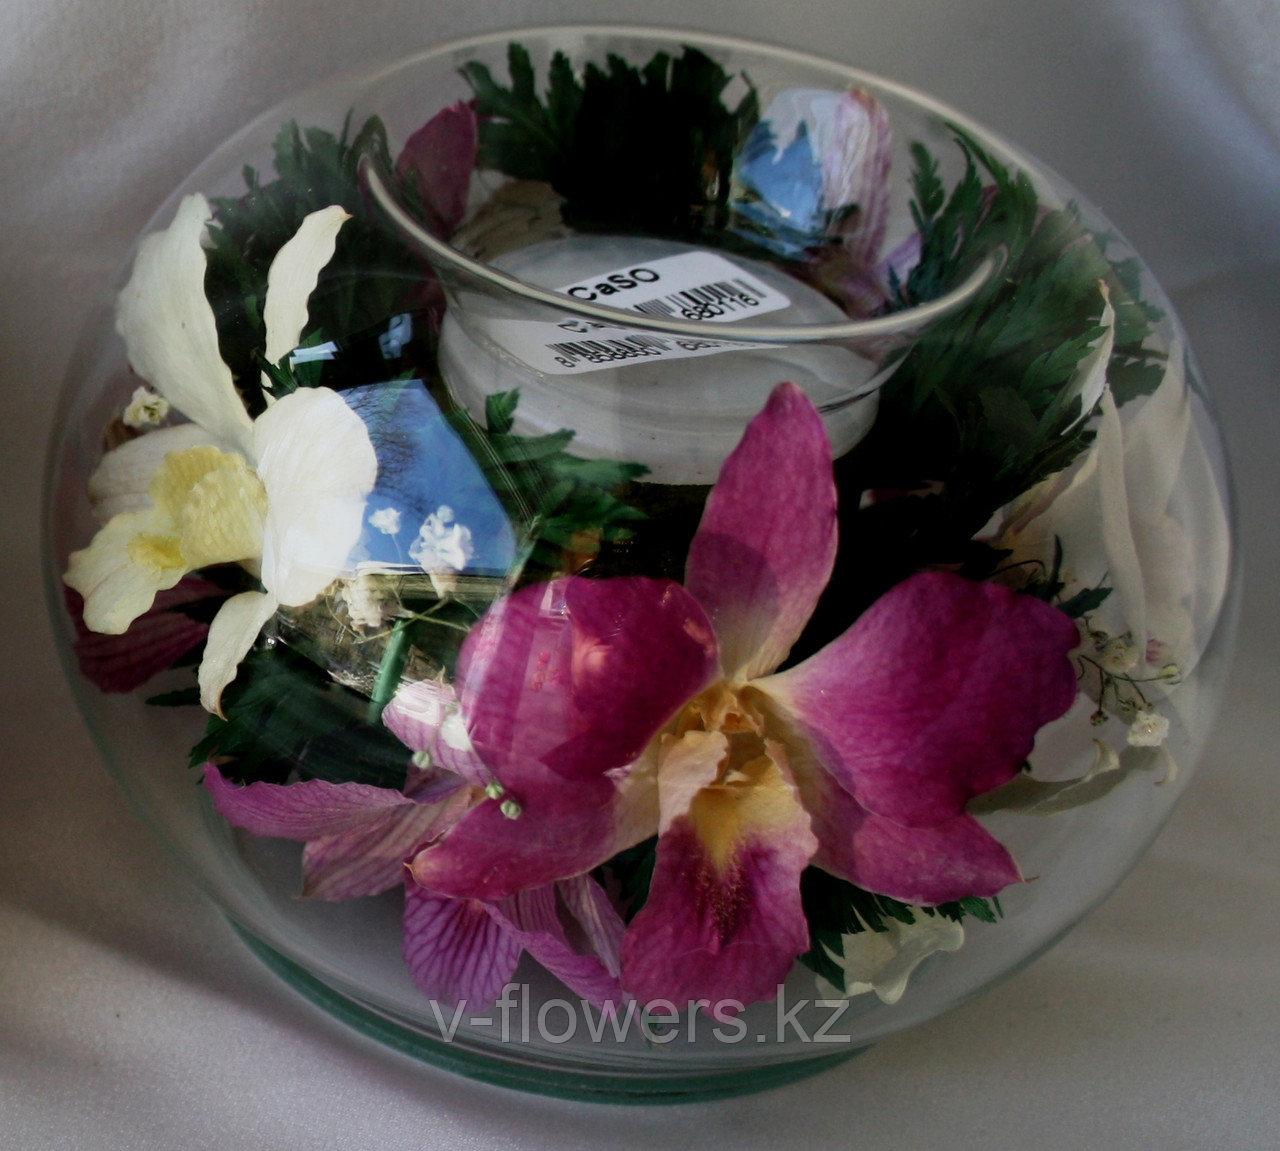 2 в 1 букет и подсвечник из живых цветов CaSO